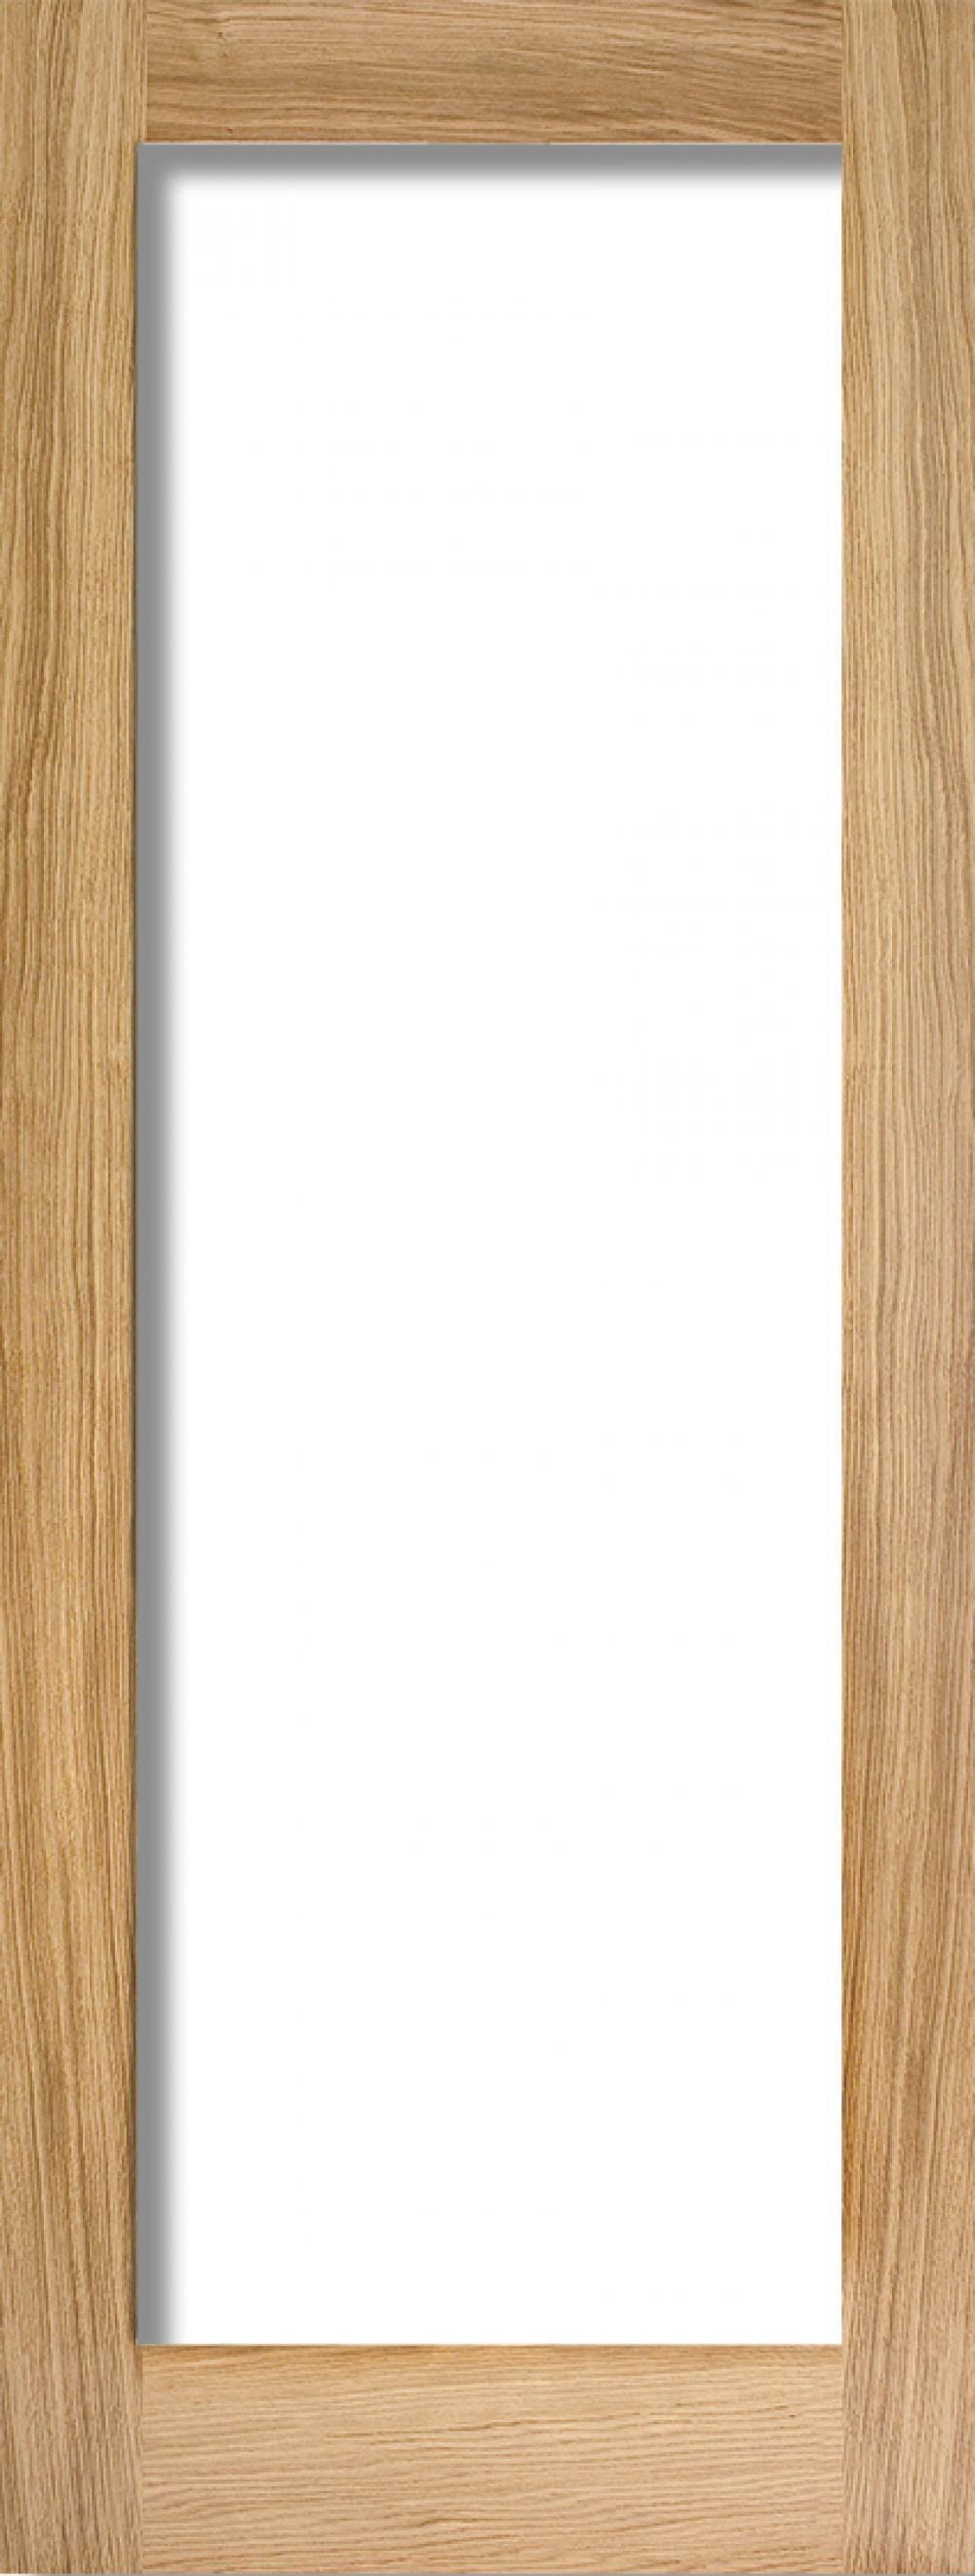 Glazed Oak P10 Fire Door - Clear Glass Image